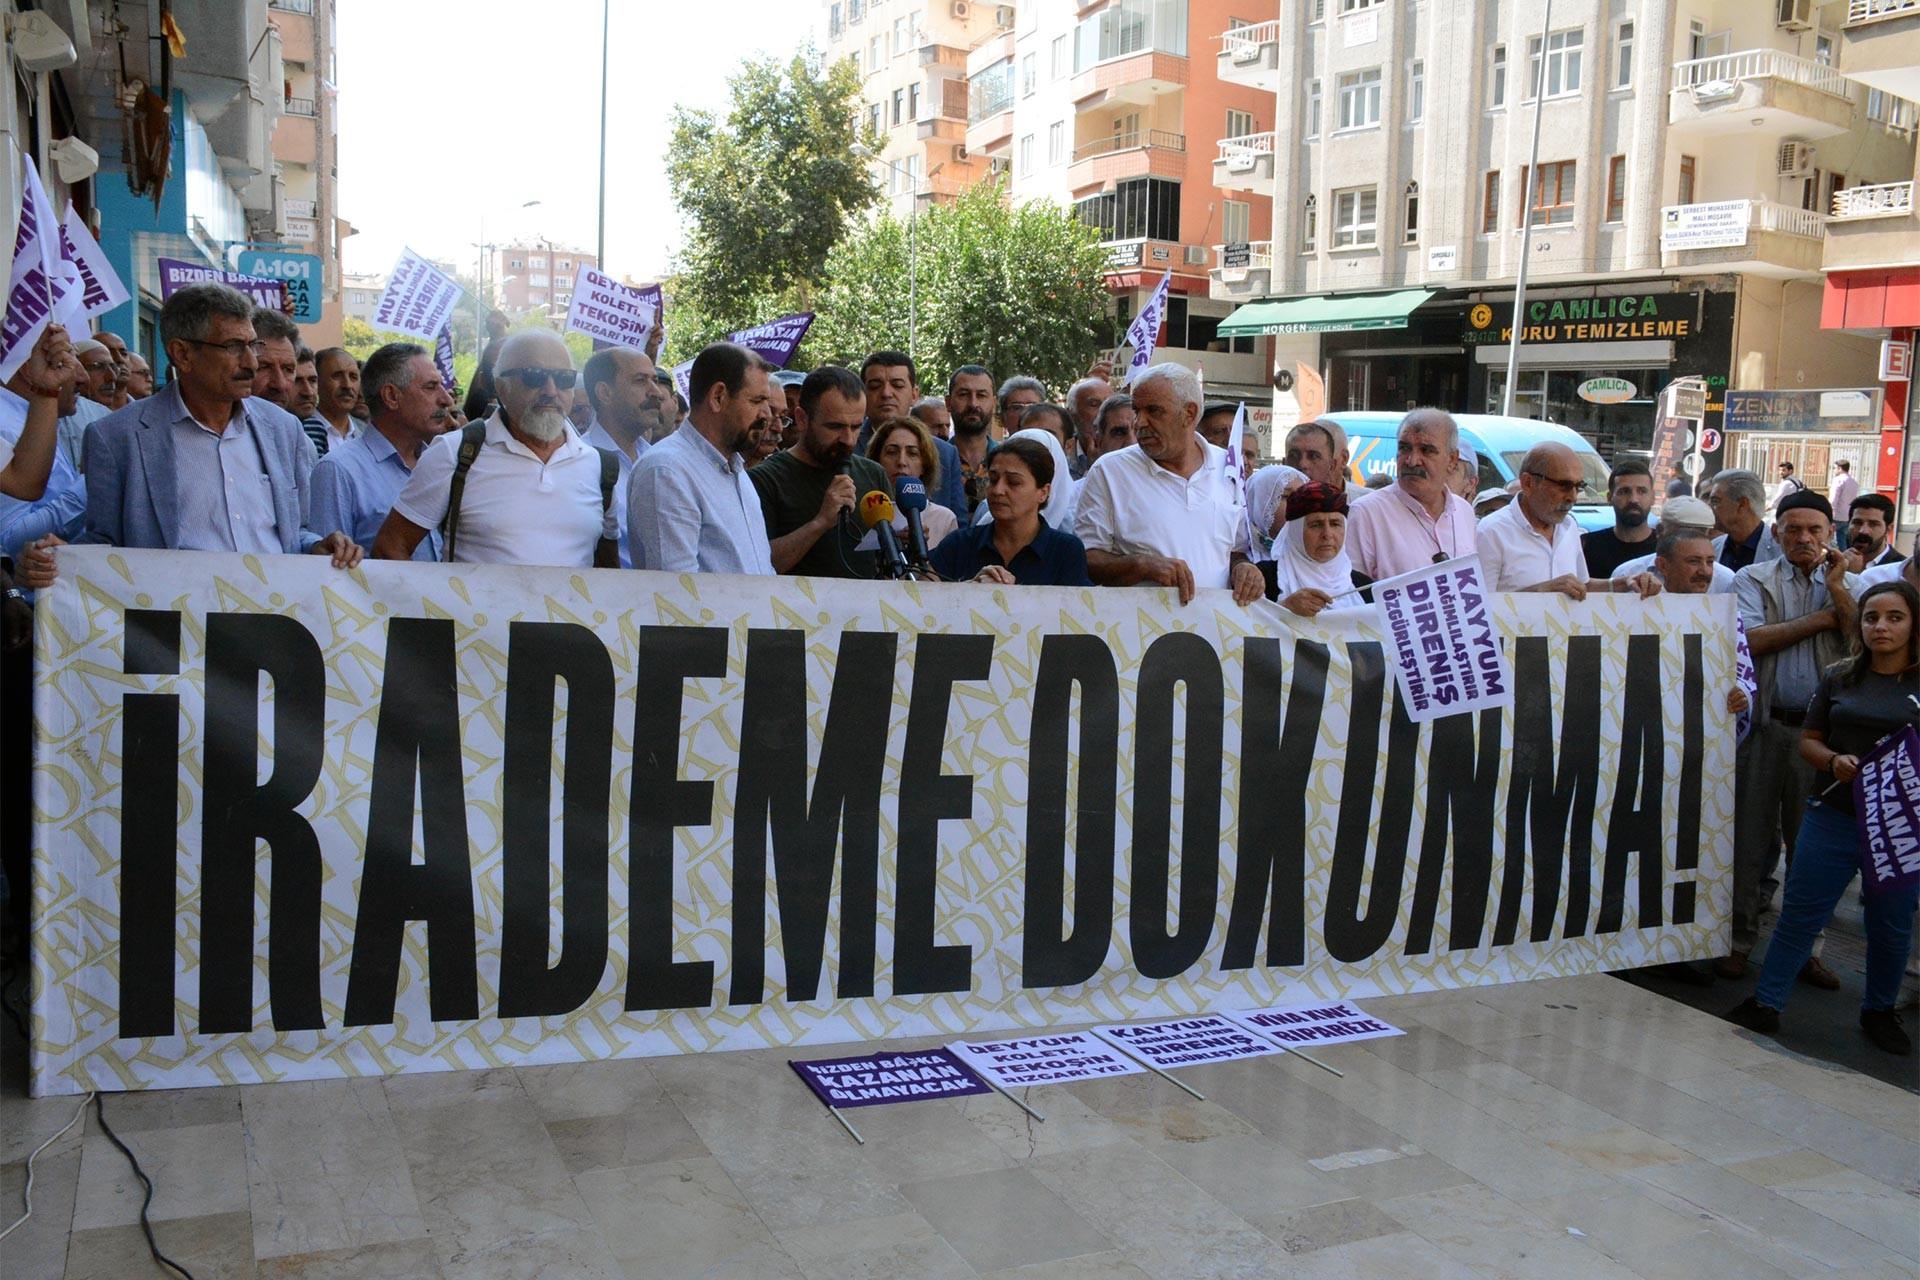 Diyarbakır'da kayyuma tepki 29. gününde